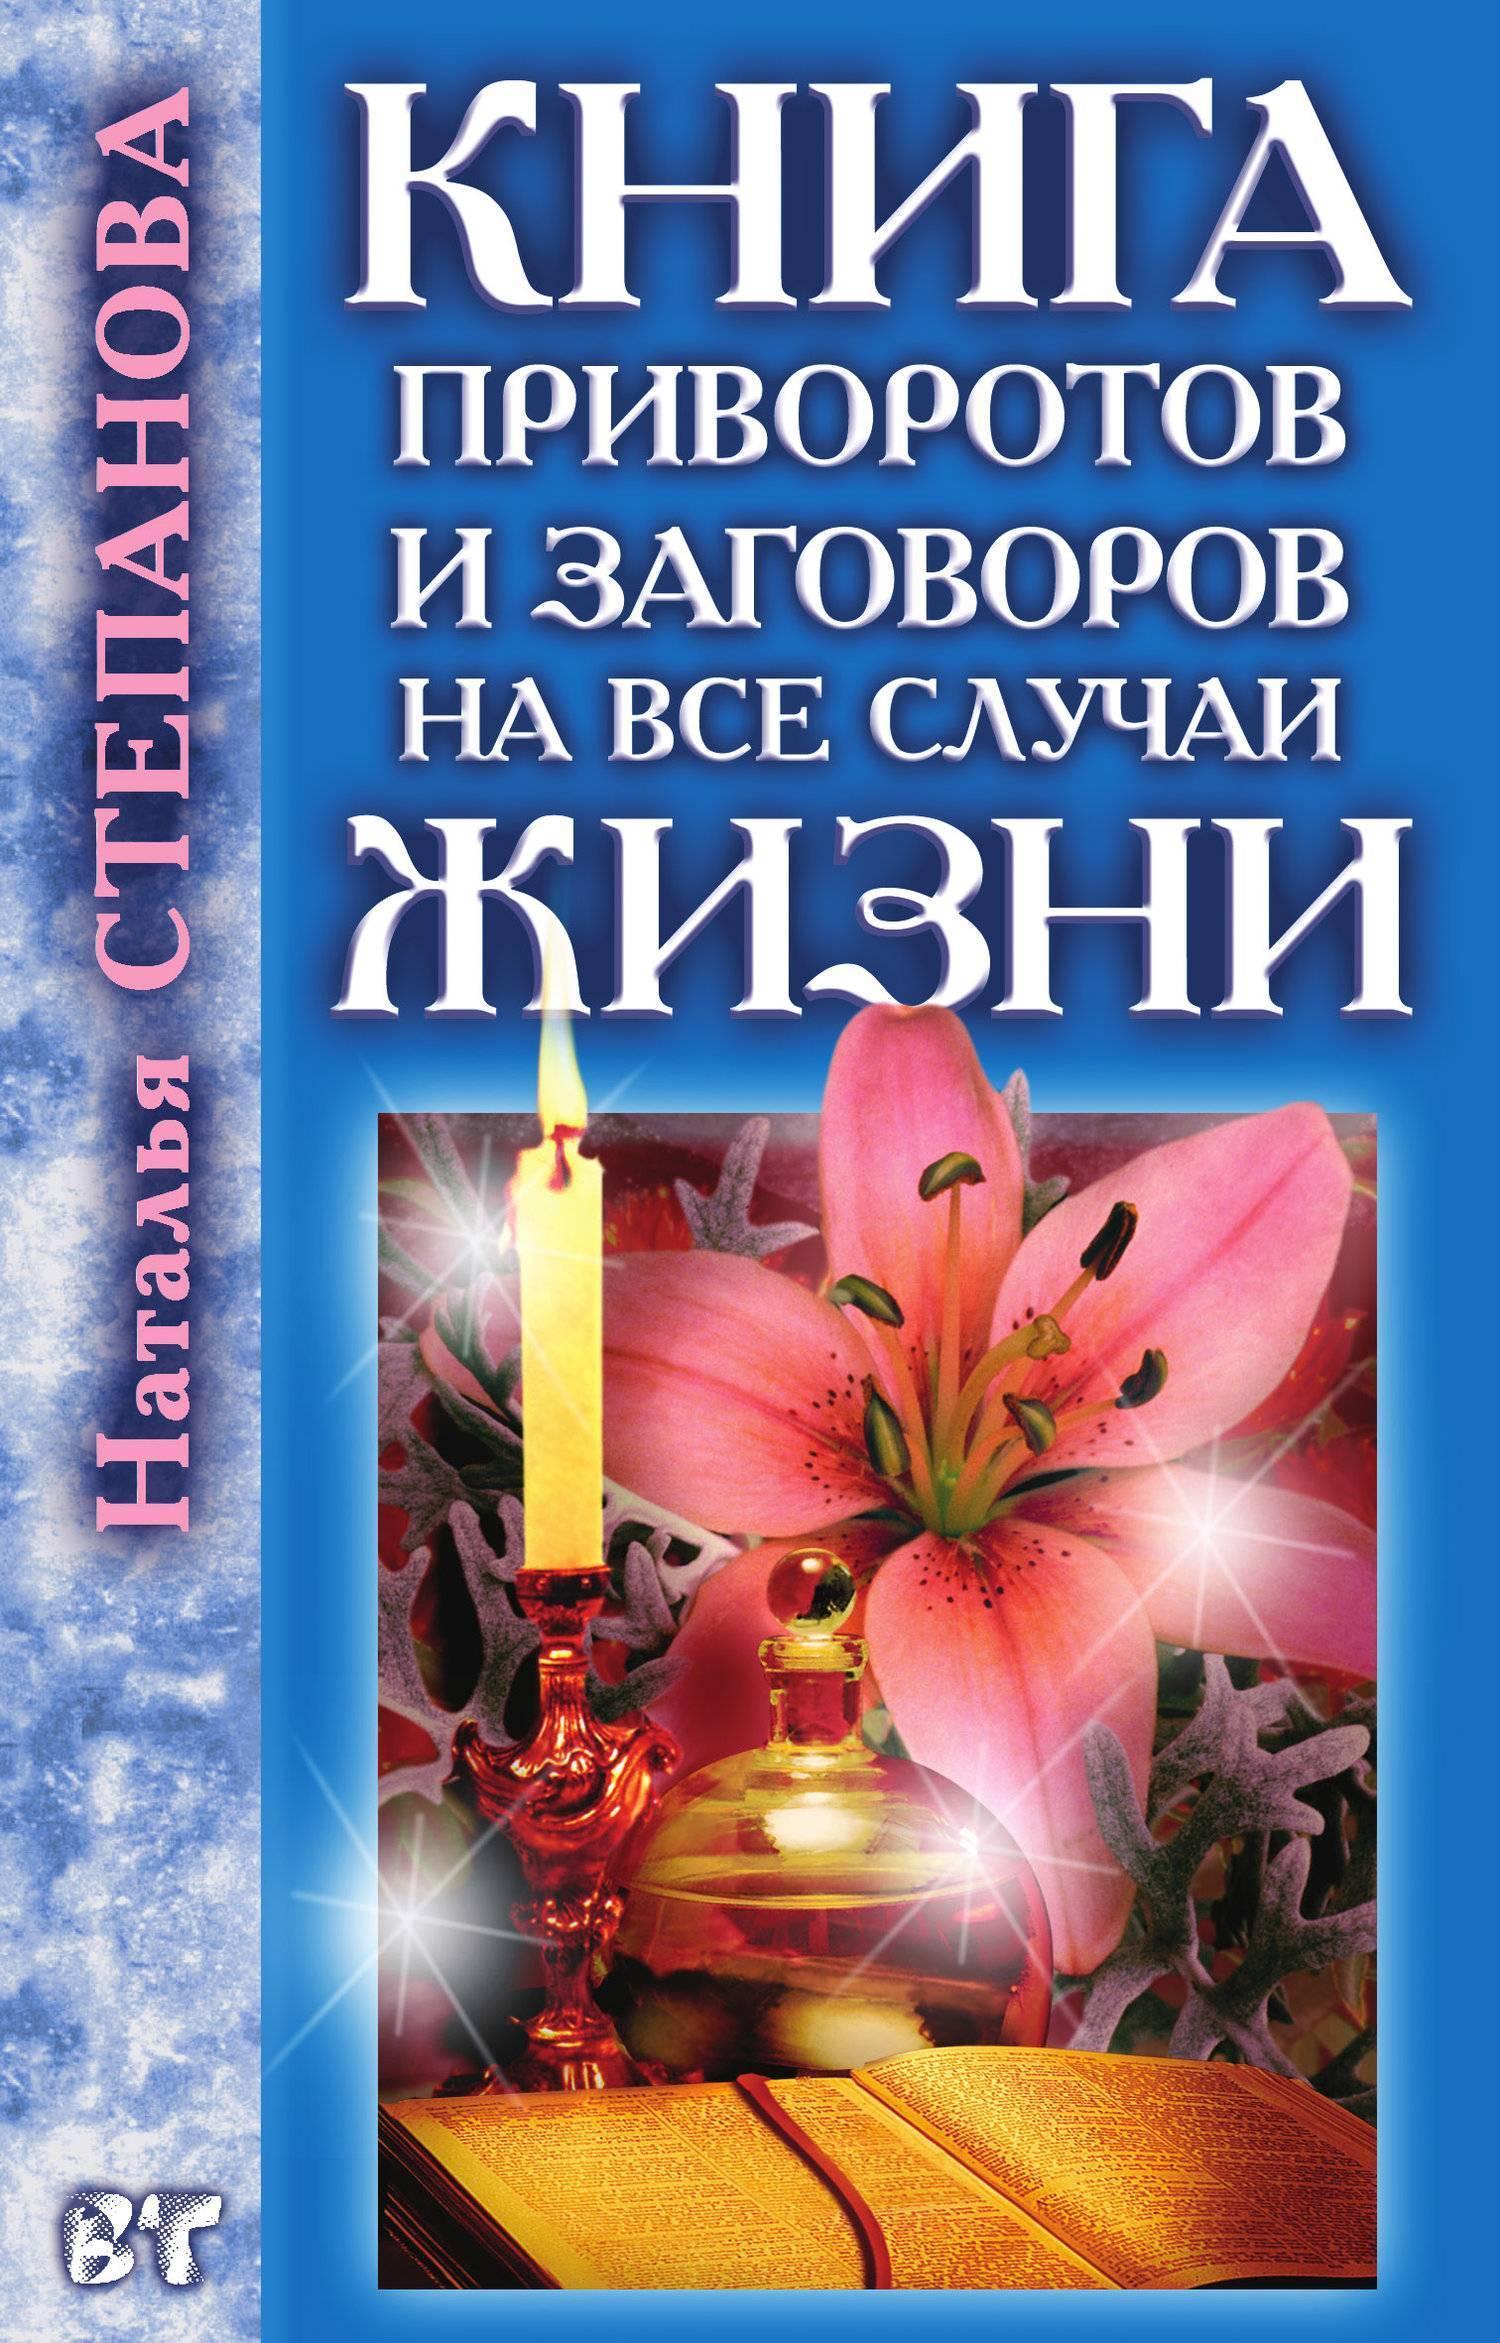 Молитва на татарском от болезни. мусульманские заговоры, заклинания и молитвы